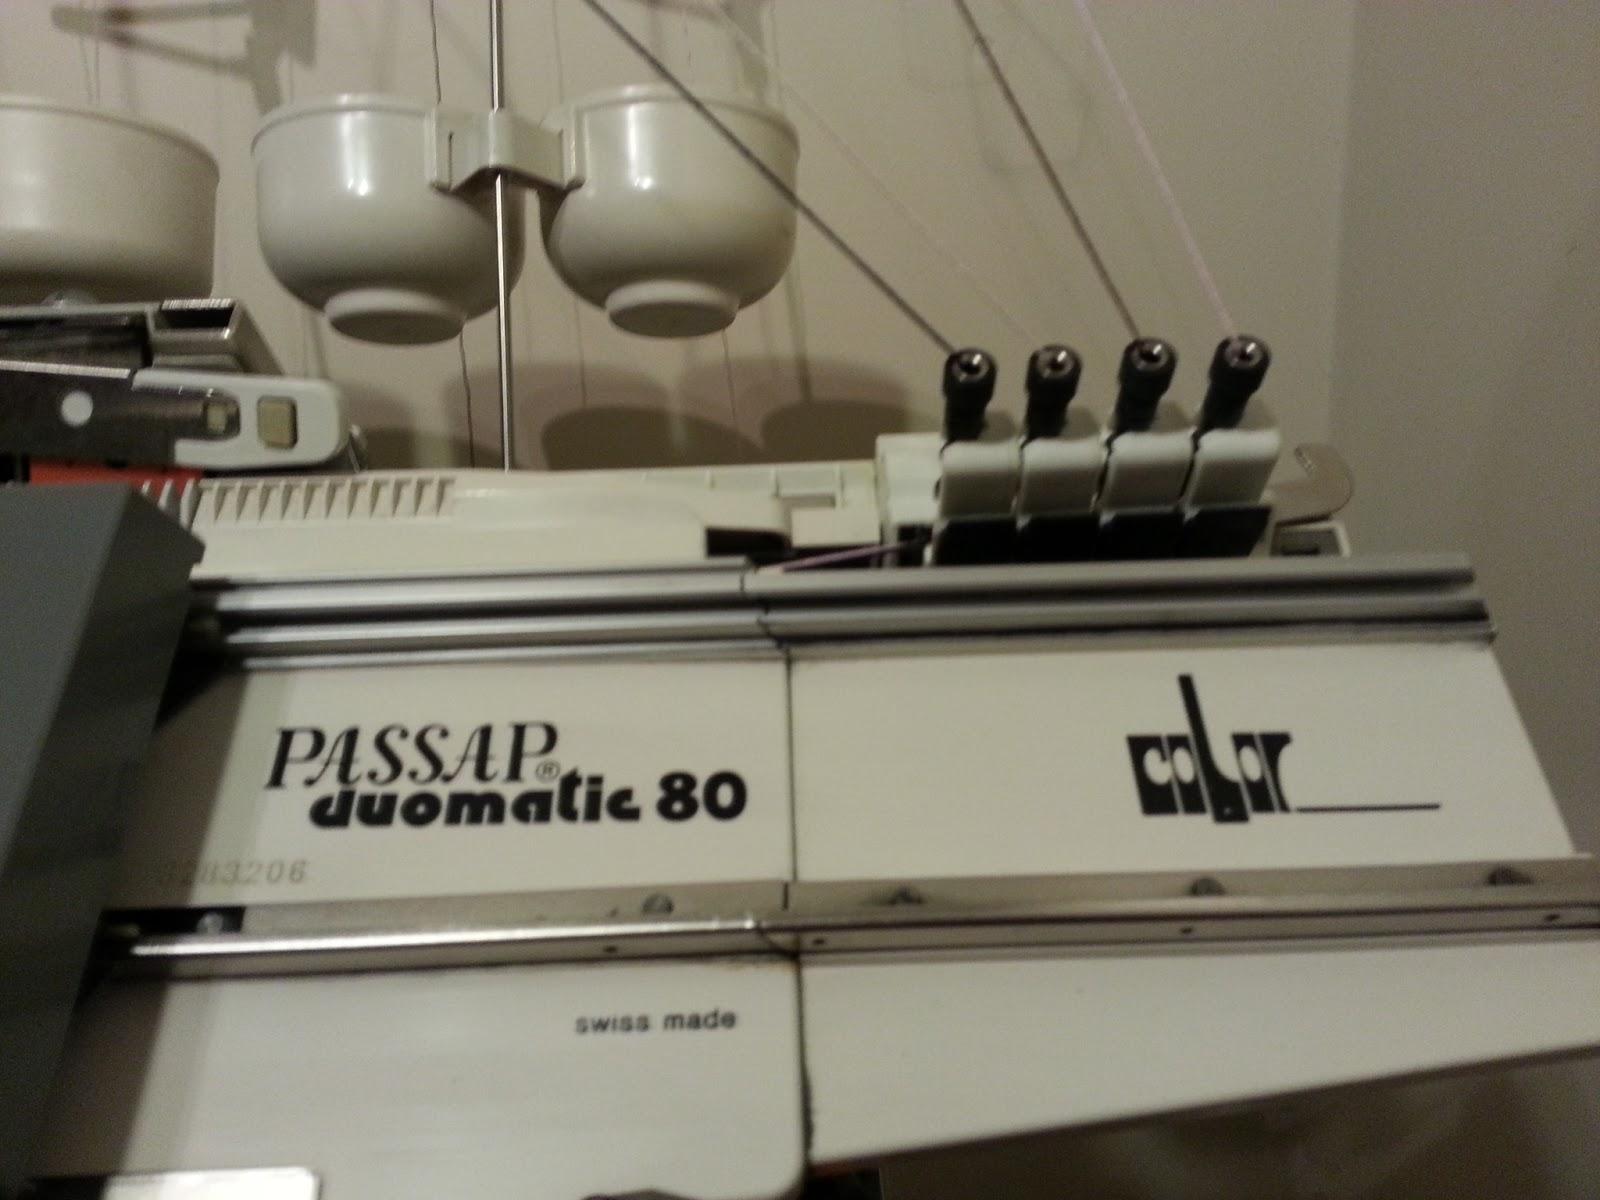 Adventures With Machine Knitting Passap Duomatic 80